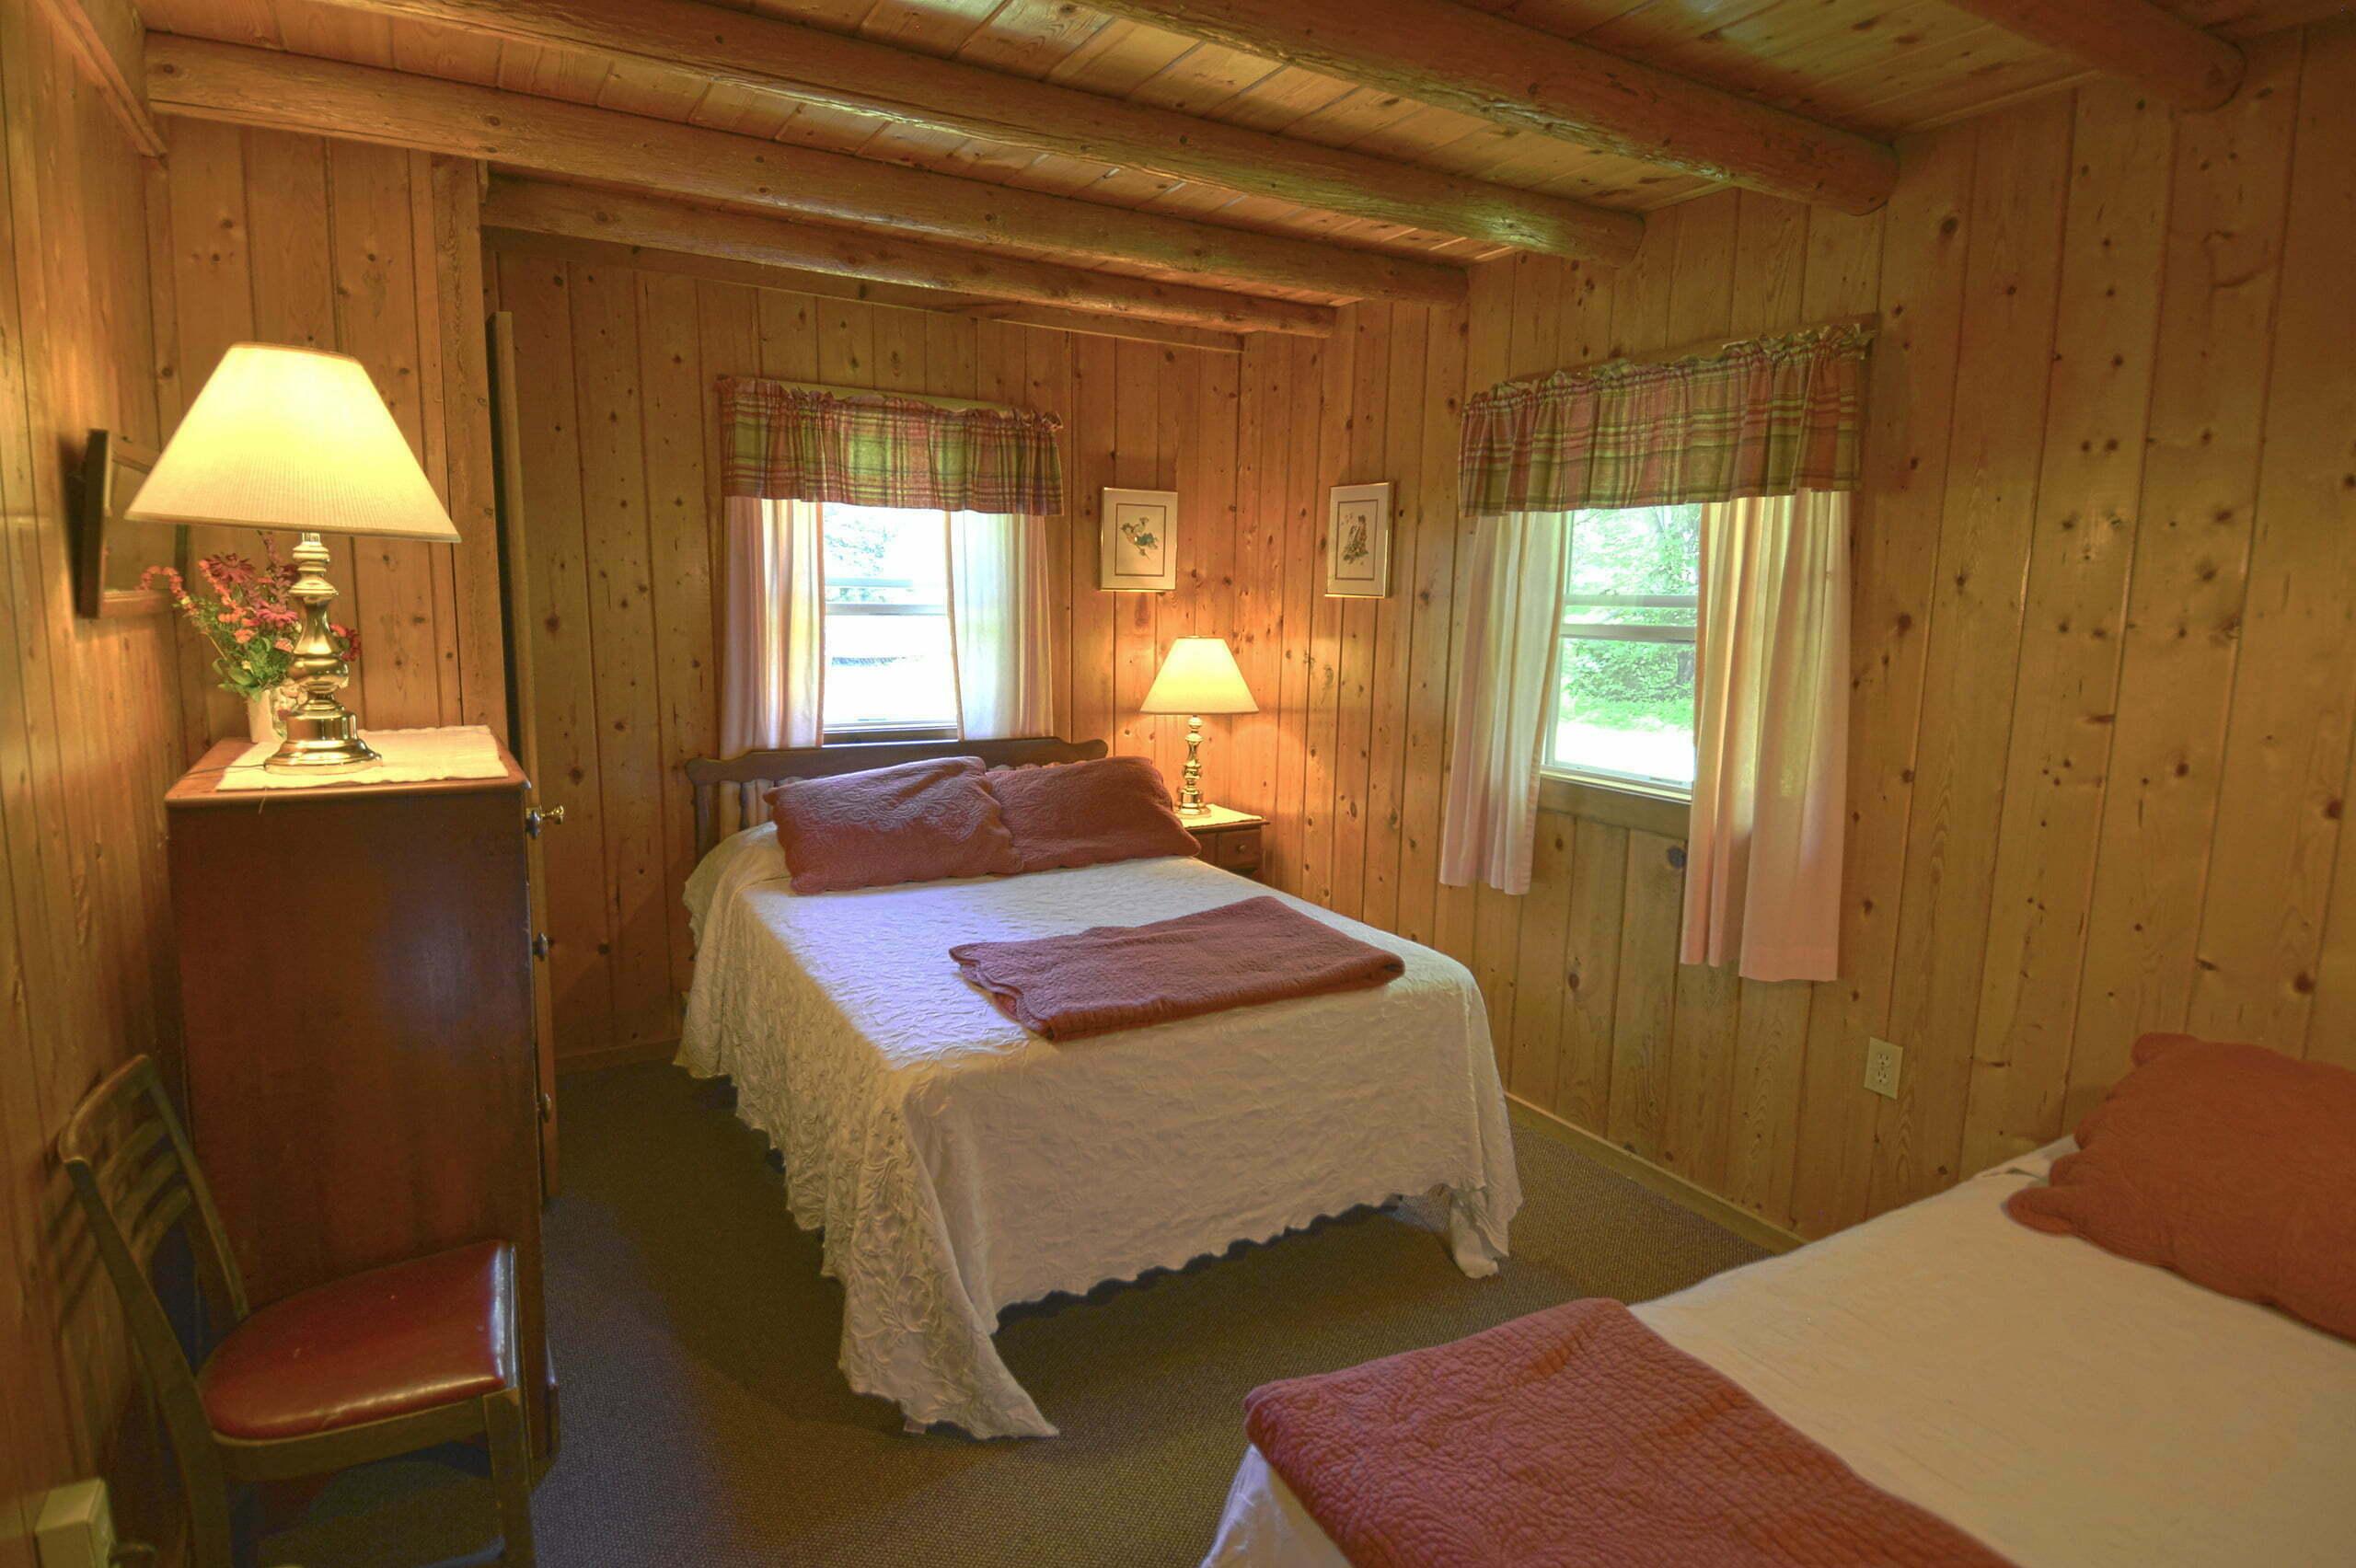 Valleyview-Bedroom